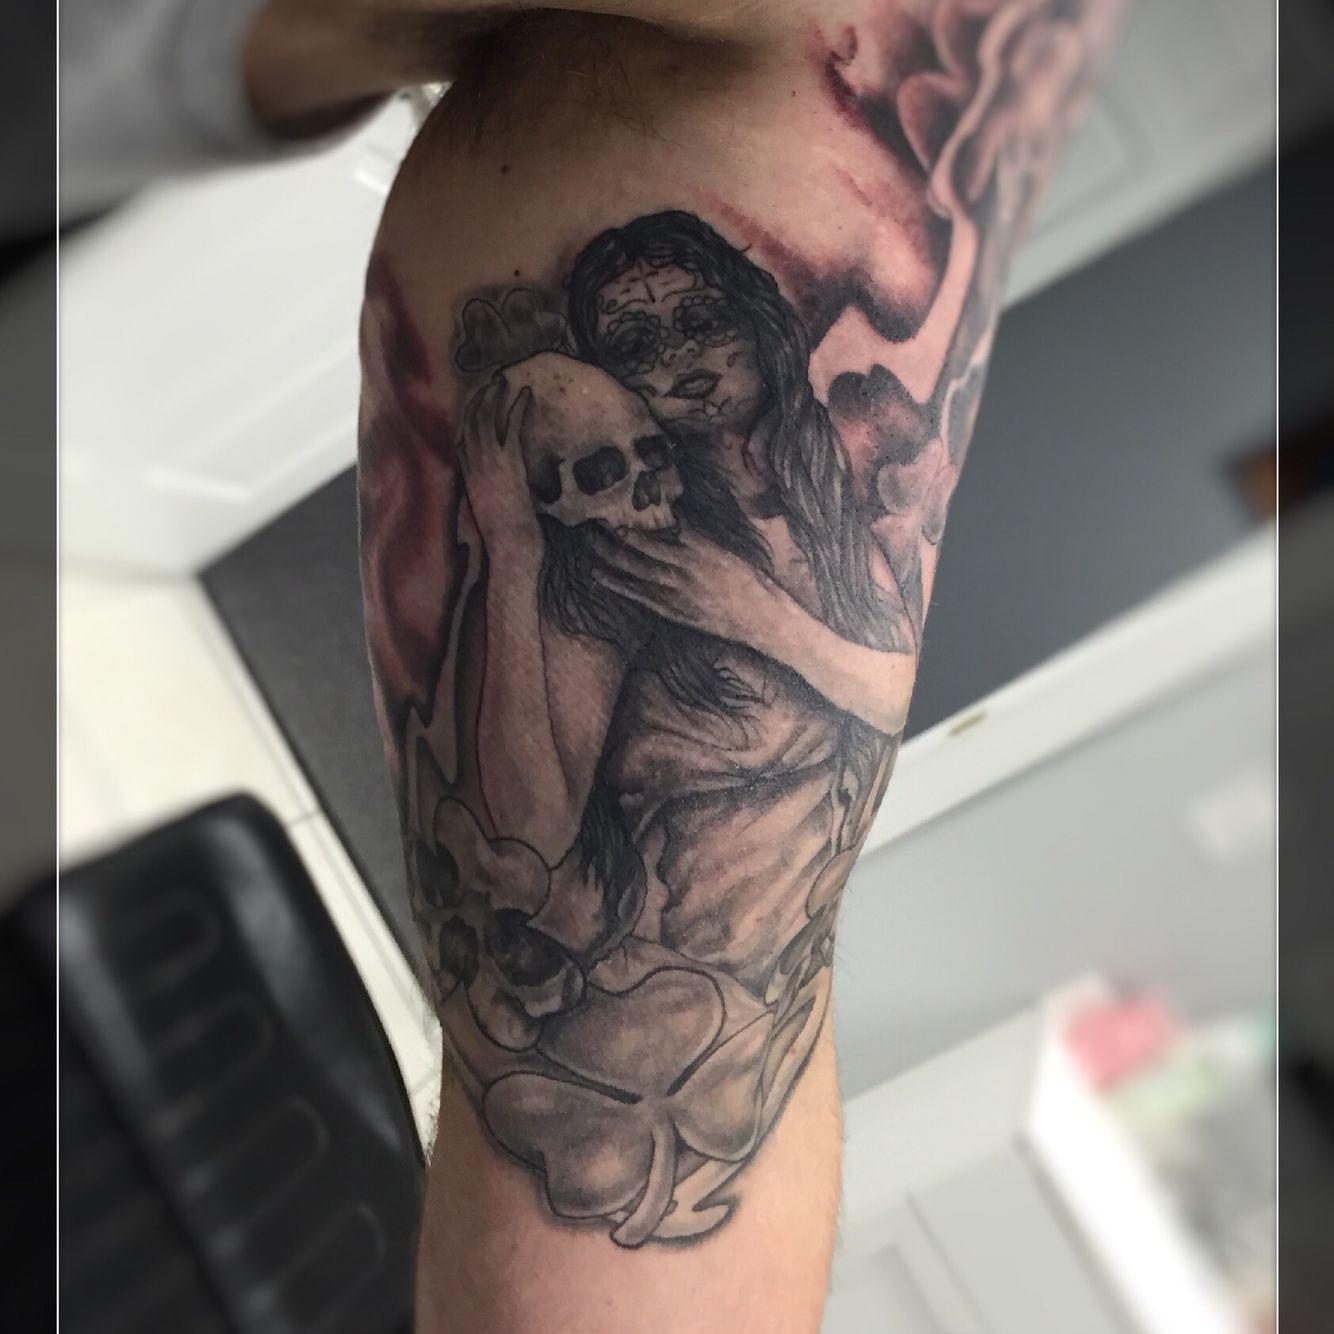 Black and grey irish theme tattoo tattoos tattoos